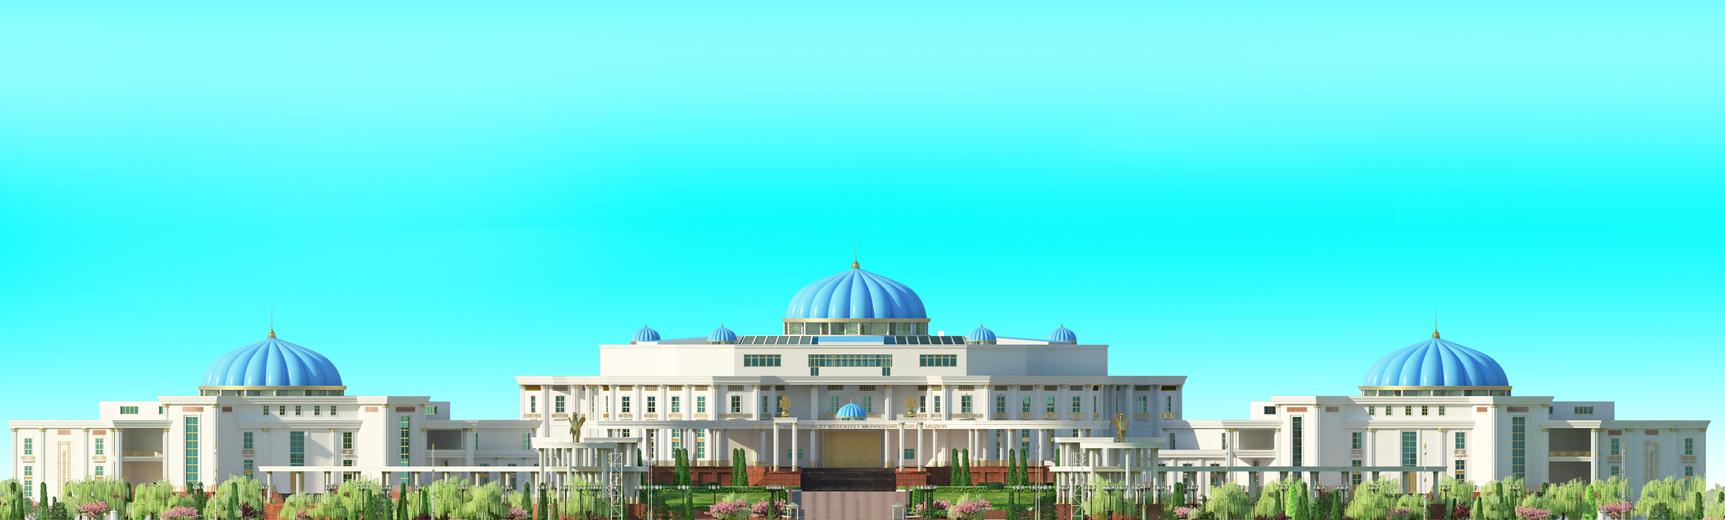 موزه ملی تاریخی عشق آباد